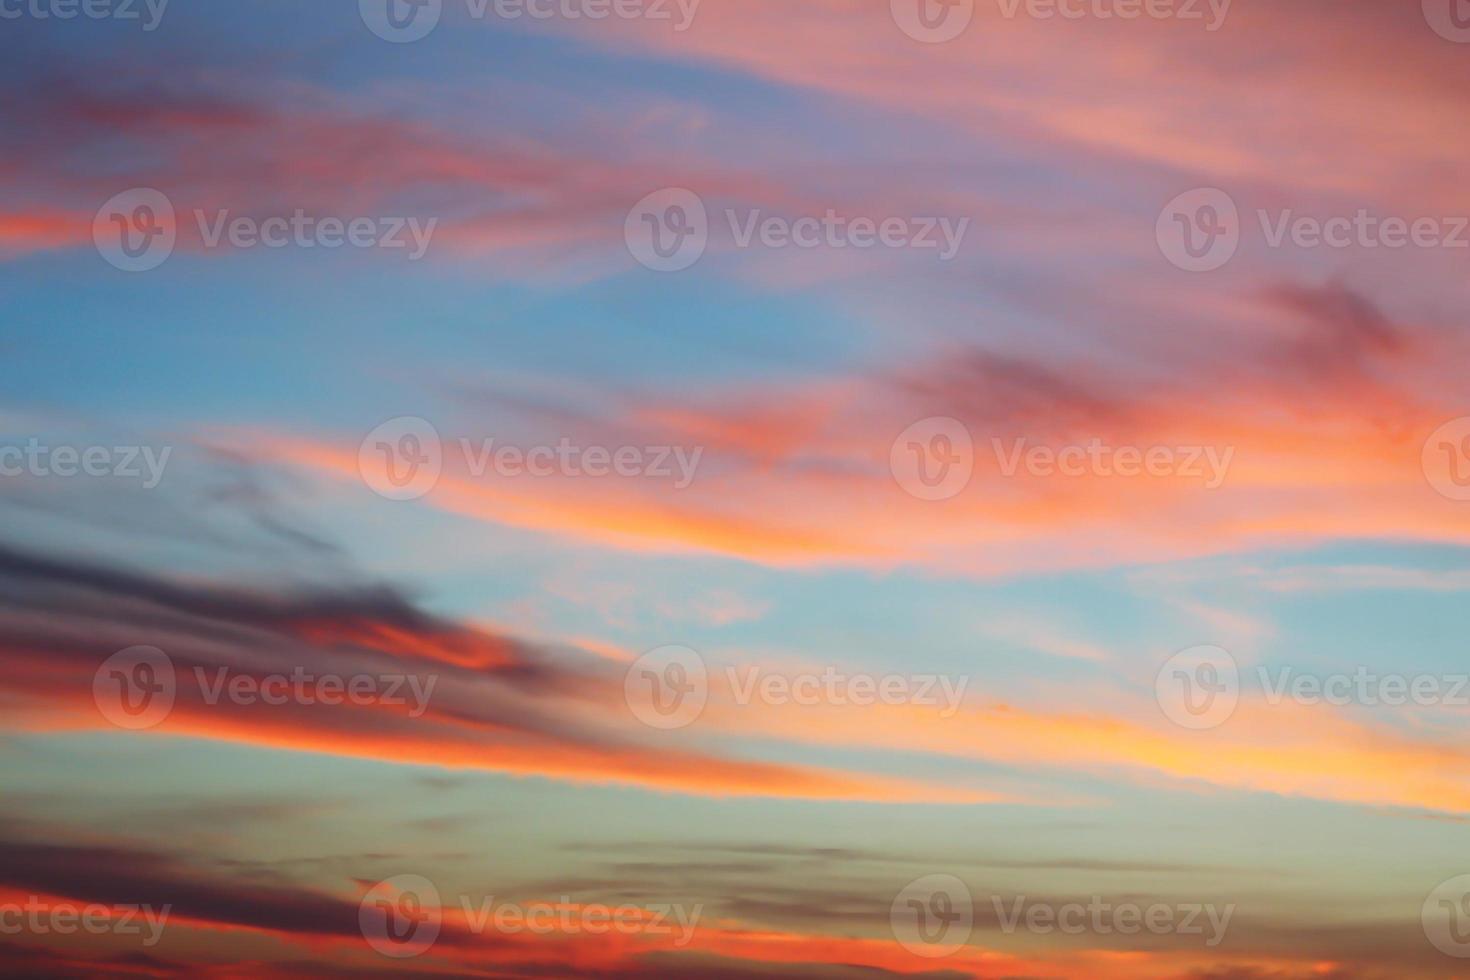 schöner bewölkter Himmelhintergrund bei Sonnenuntergang bereit für Ihr Design foto